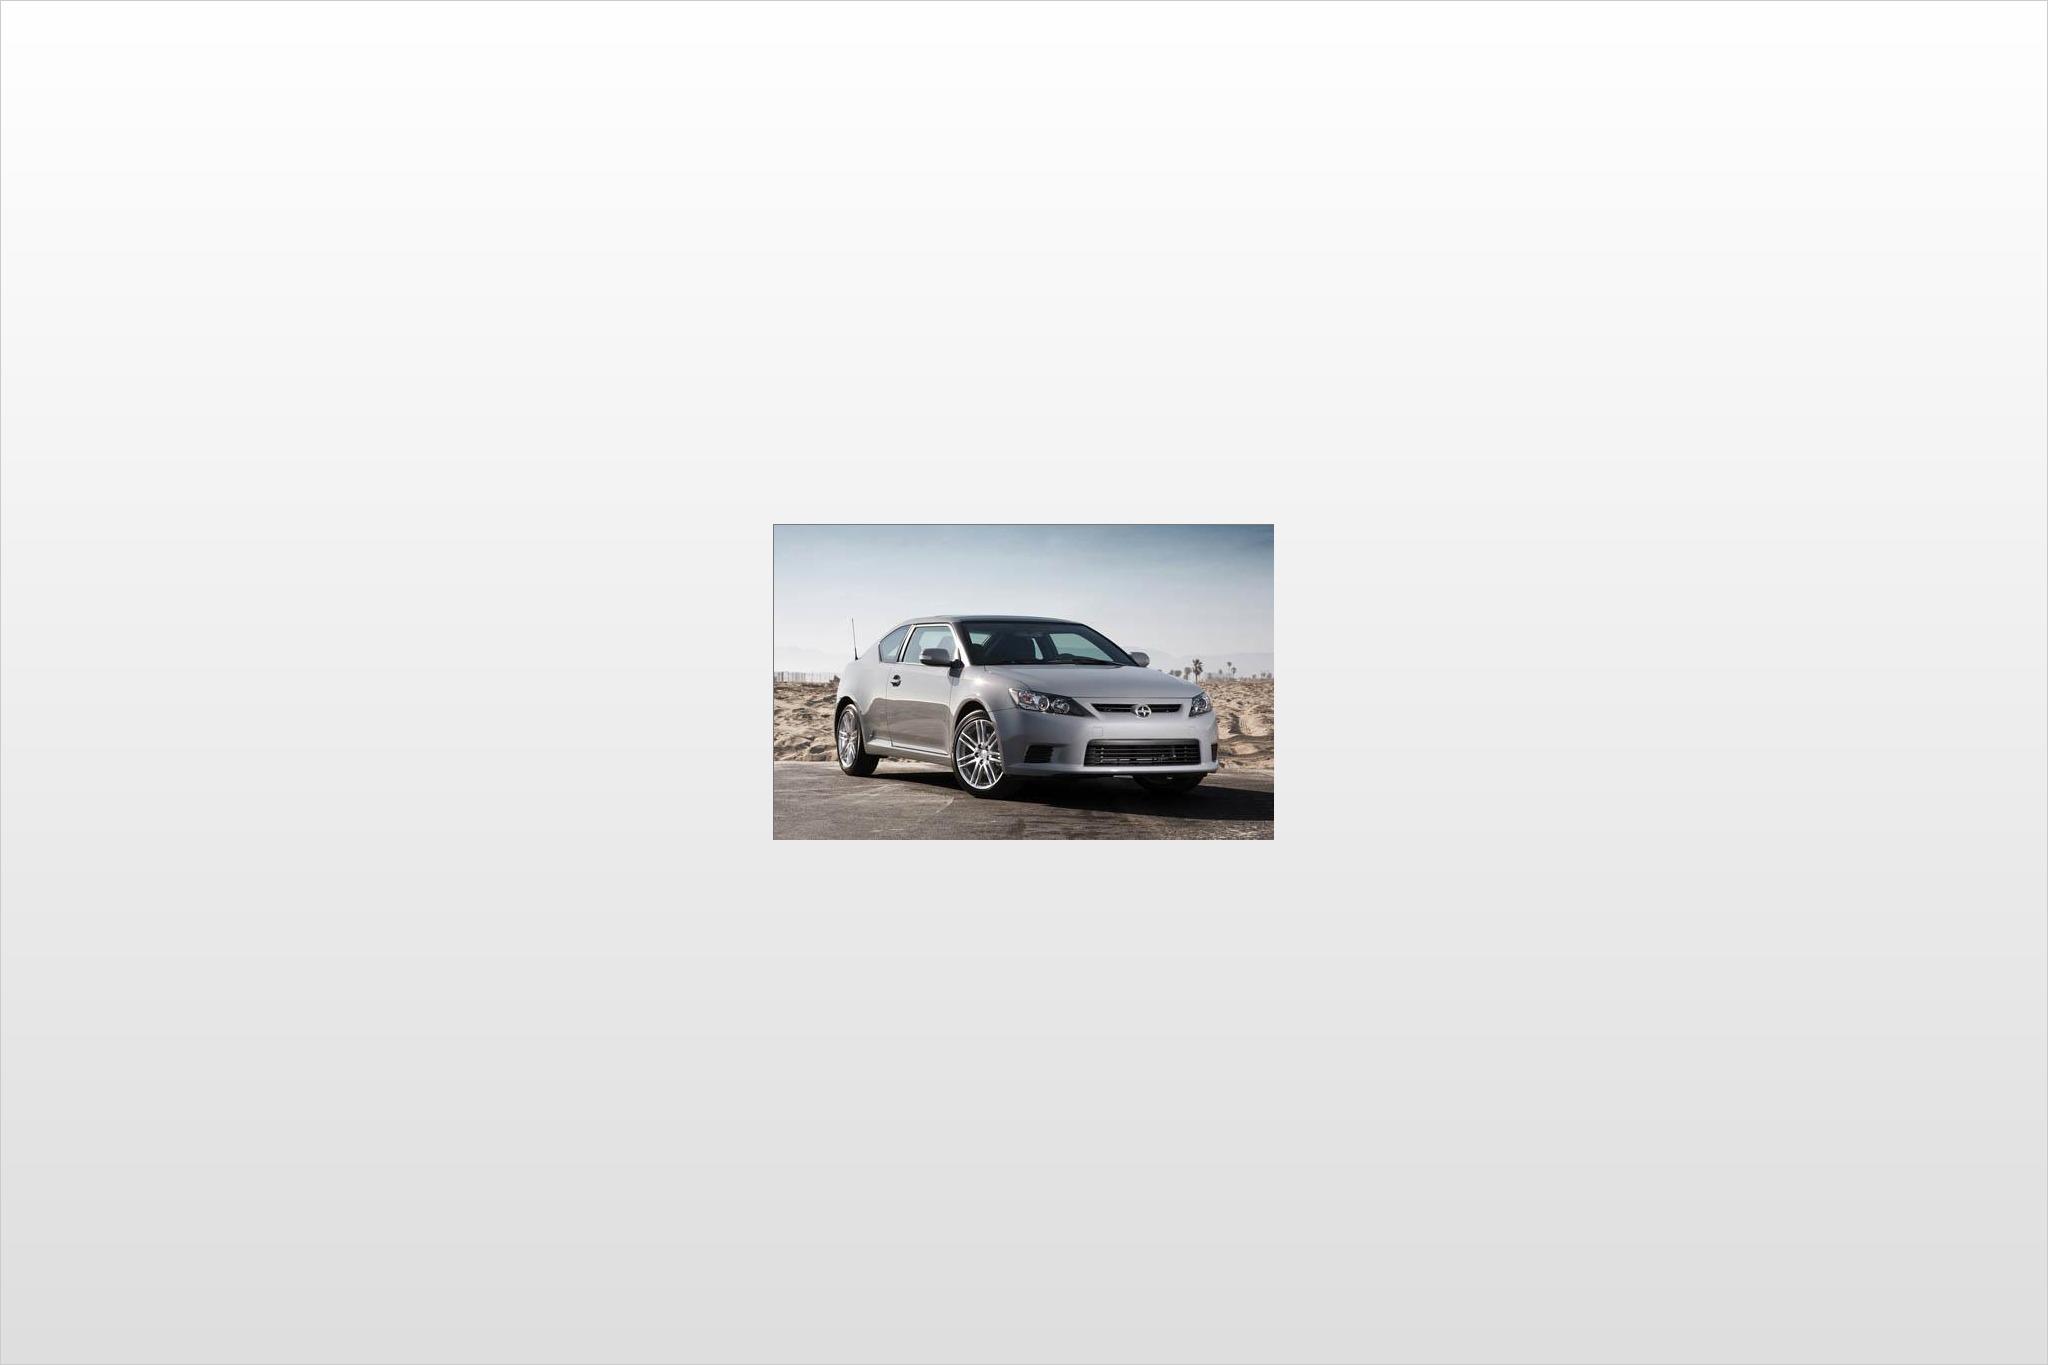 2012 scion tc 2dr hatchback base fq oem 1 2048